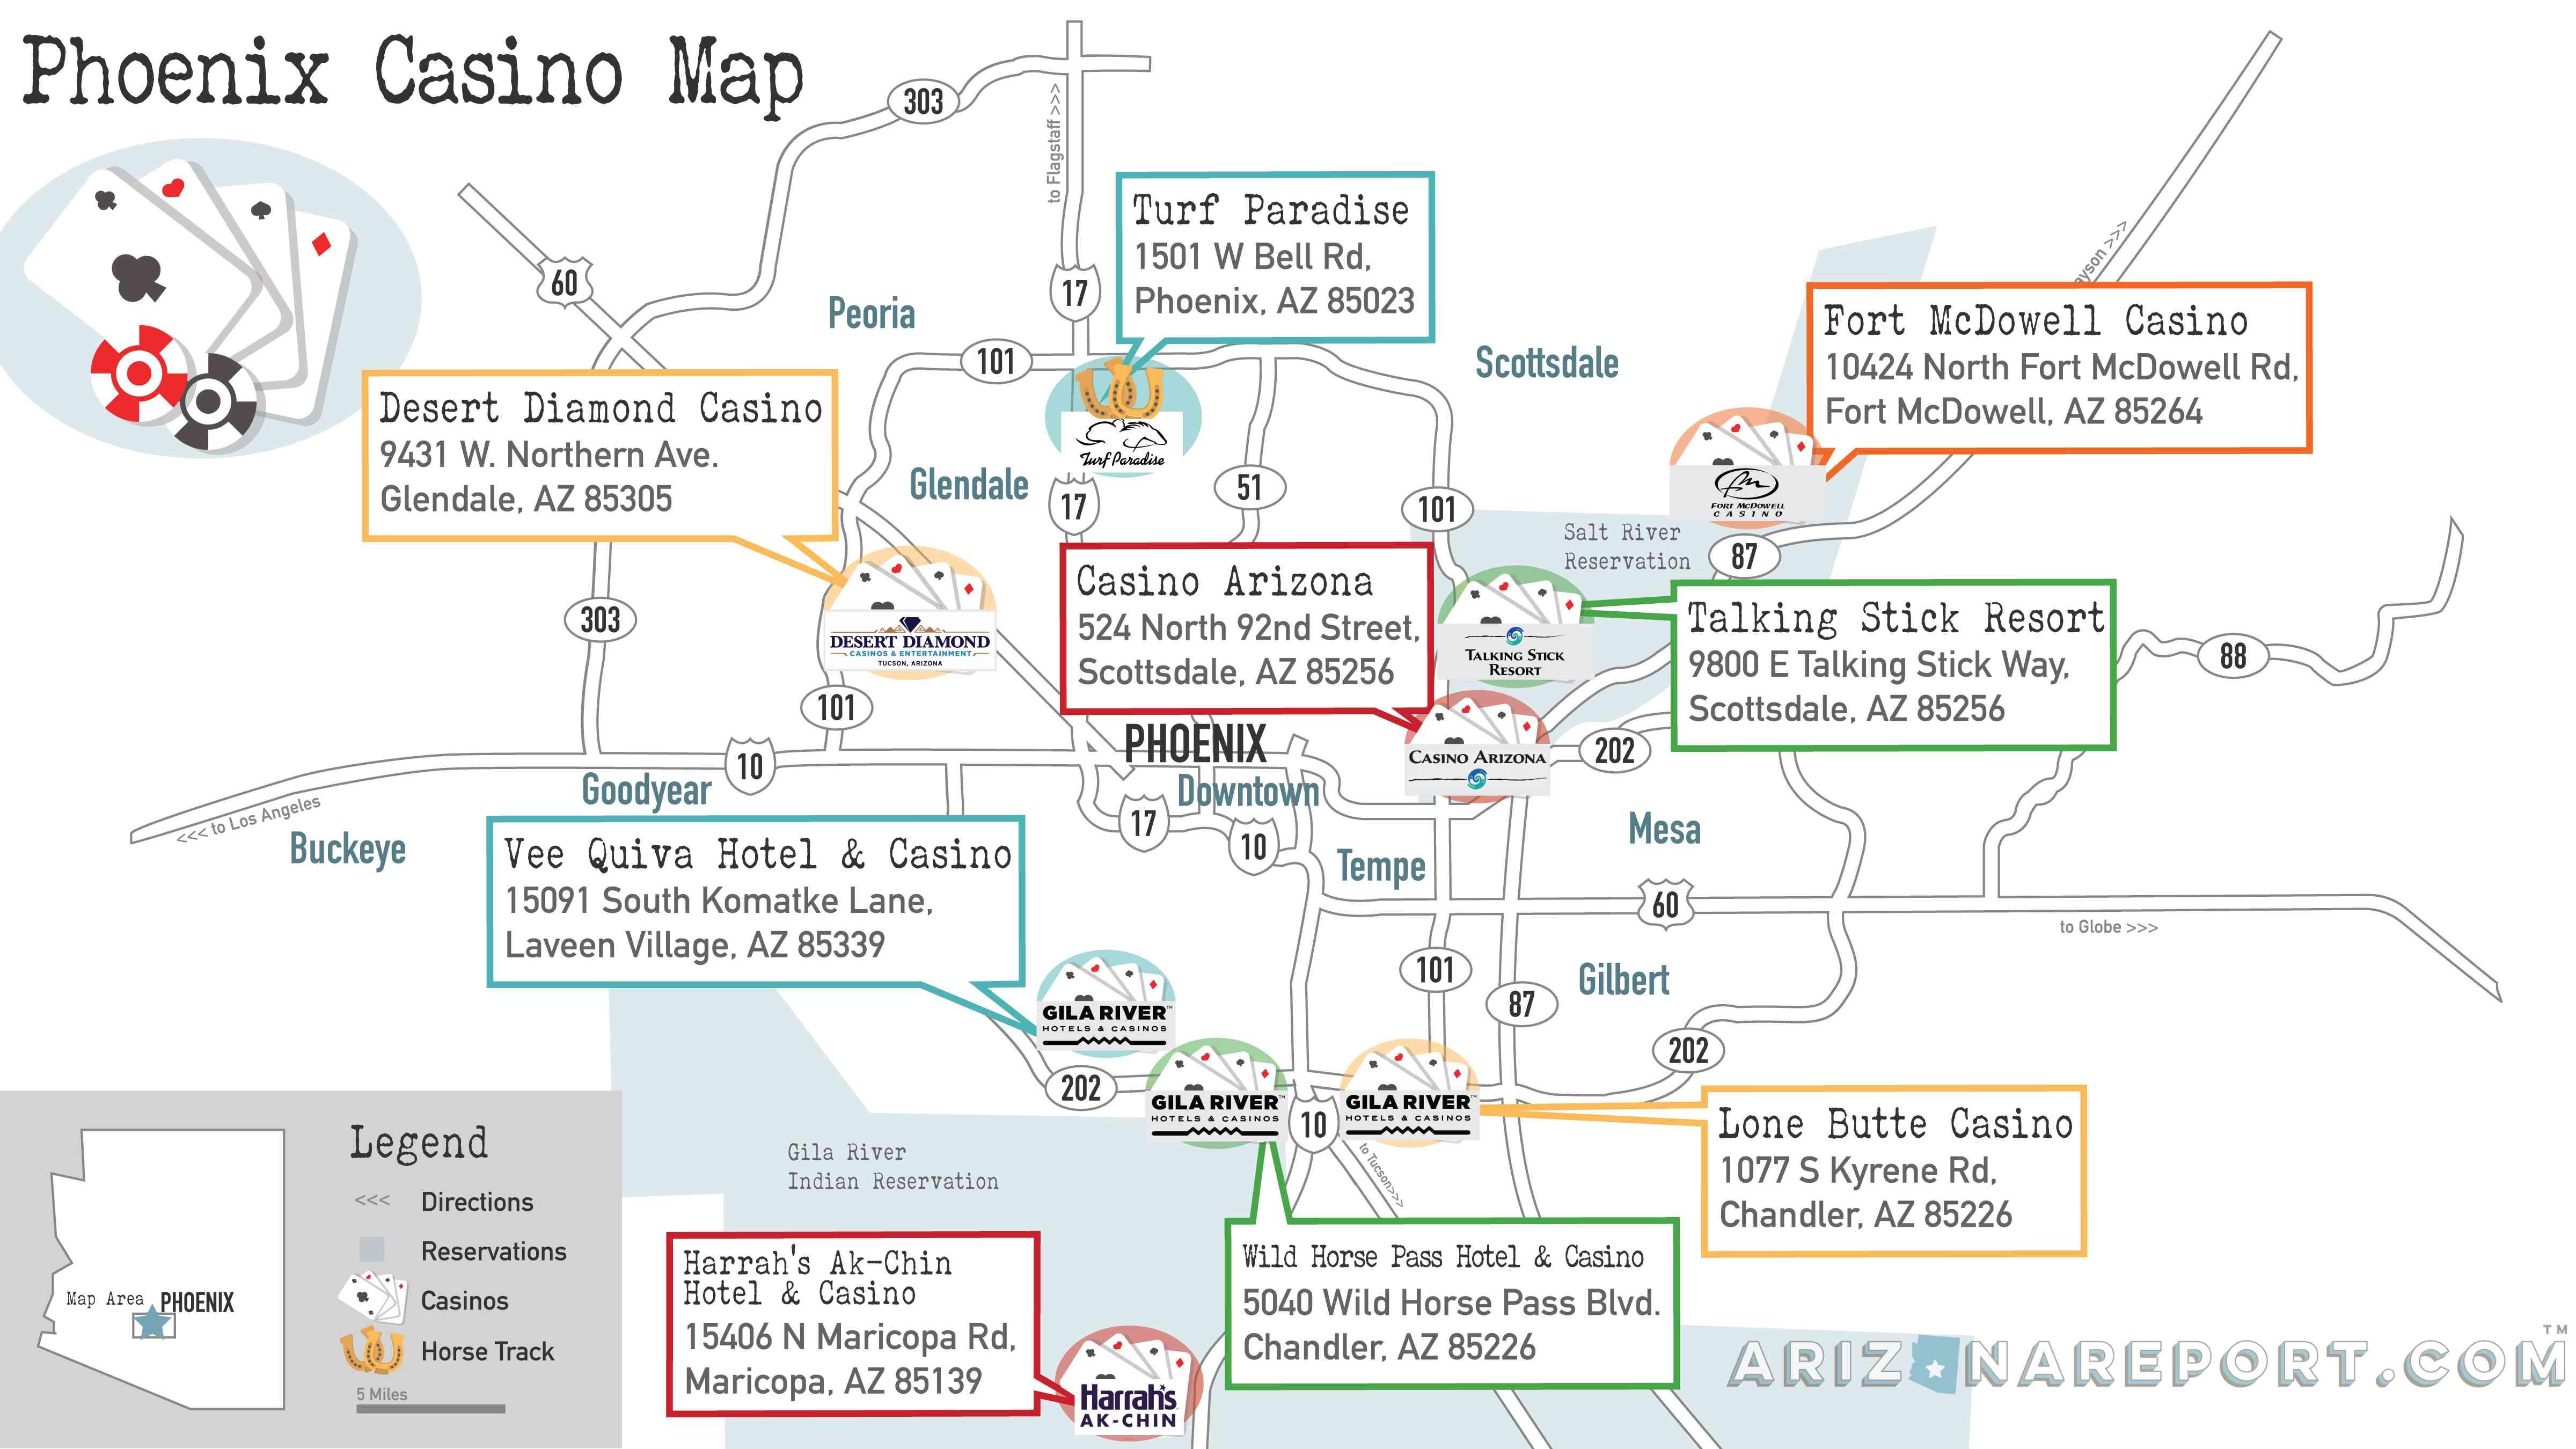 Fargo nd casinos map